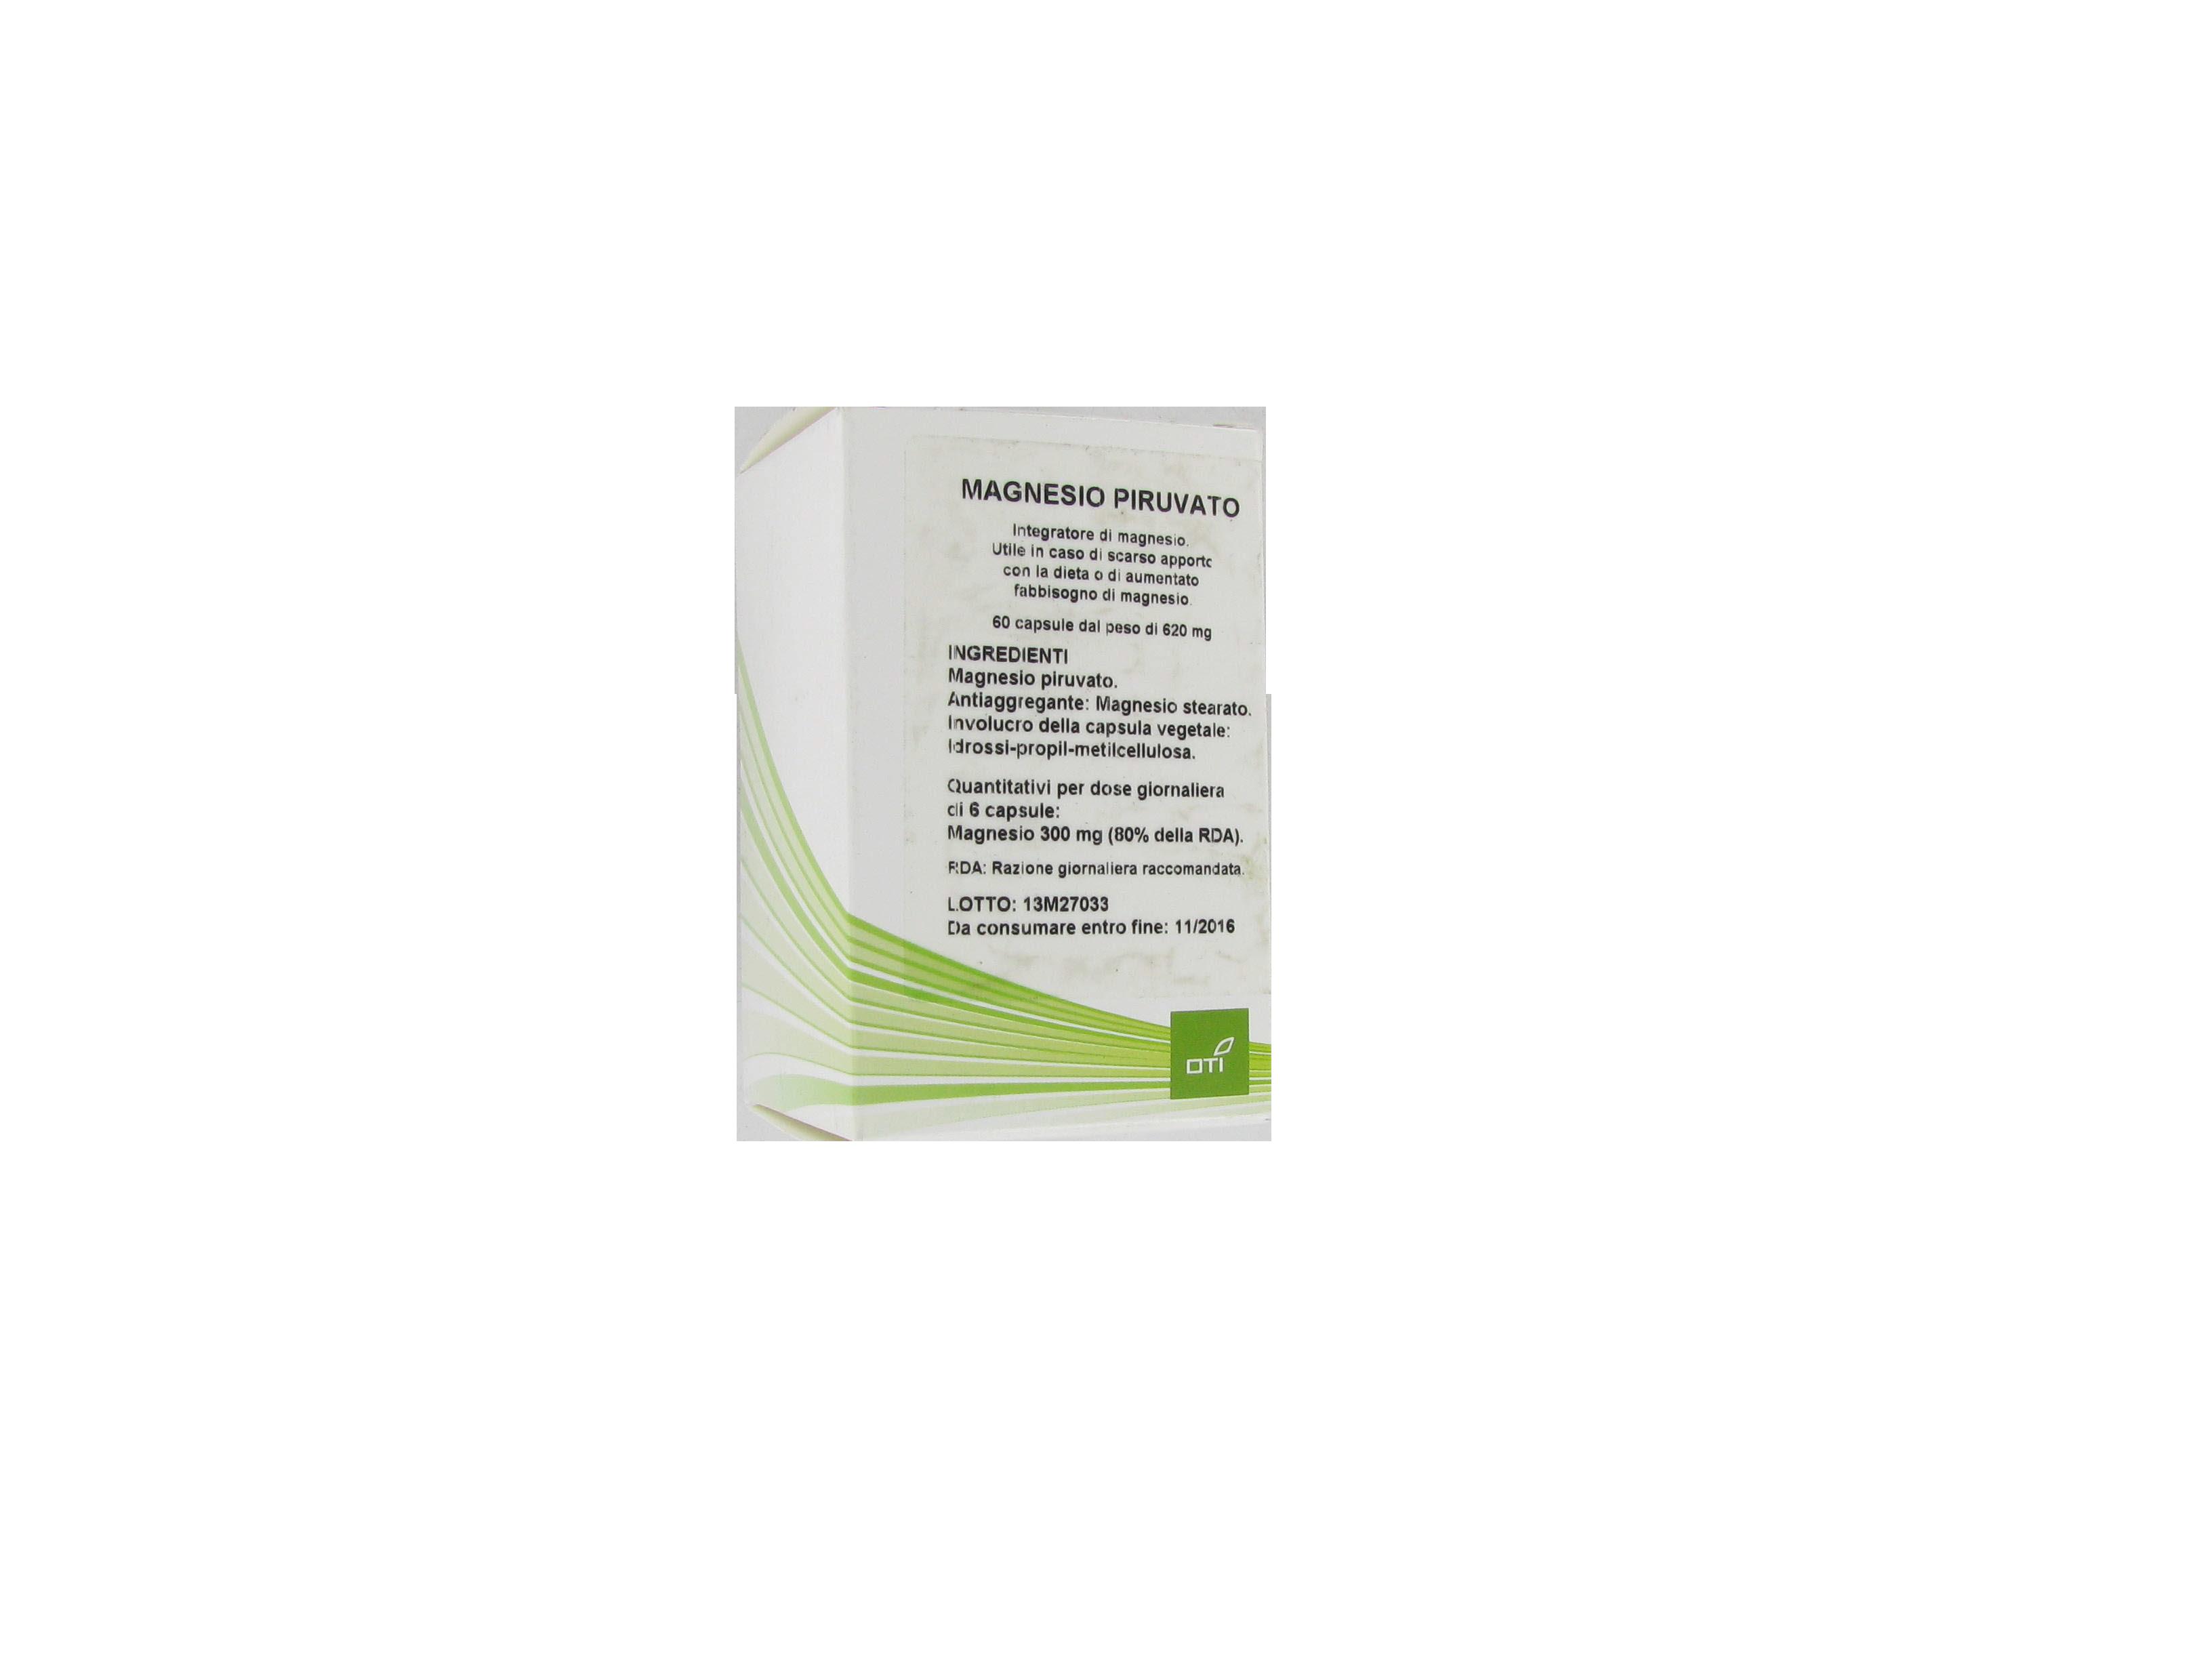 magnesio piruvato integratore di magnesio. utile in caso di scarso apporto con la dieta o di aumentato